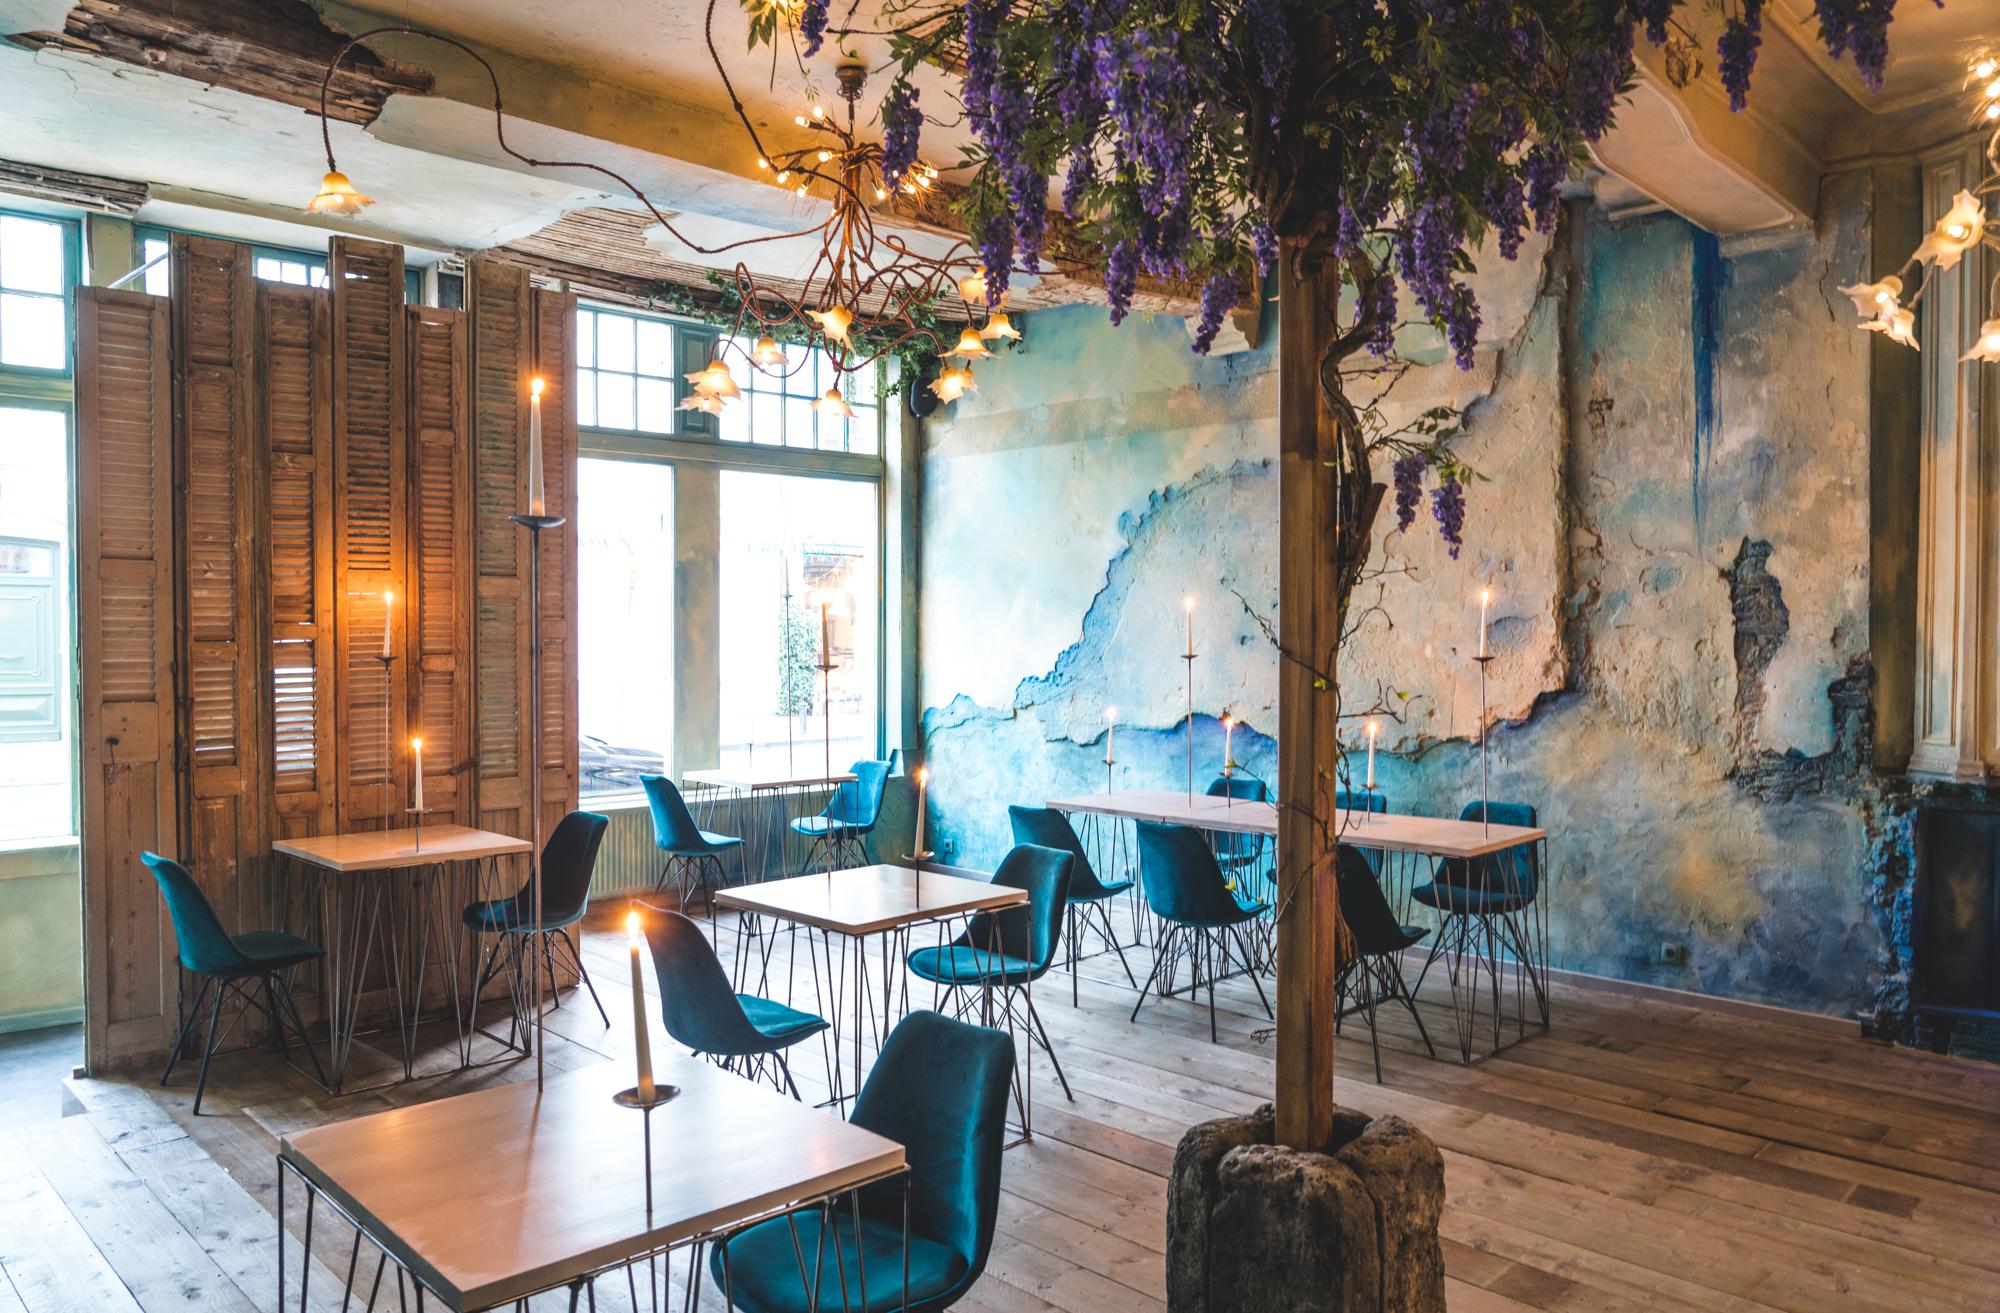 Epiphanys Kitchen hotspot in Gent met uniek interieur, turquoise tinten, ruwe muren, natuurlijke elementen, oude paneelluiken